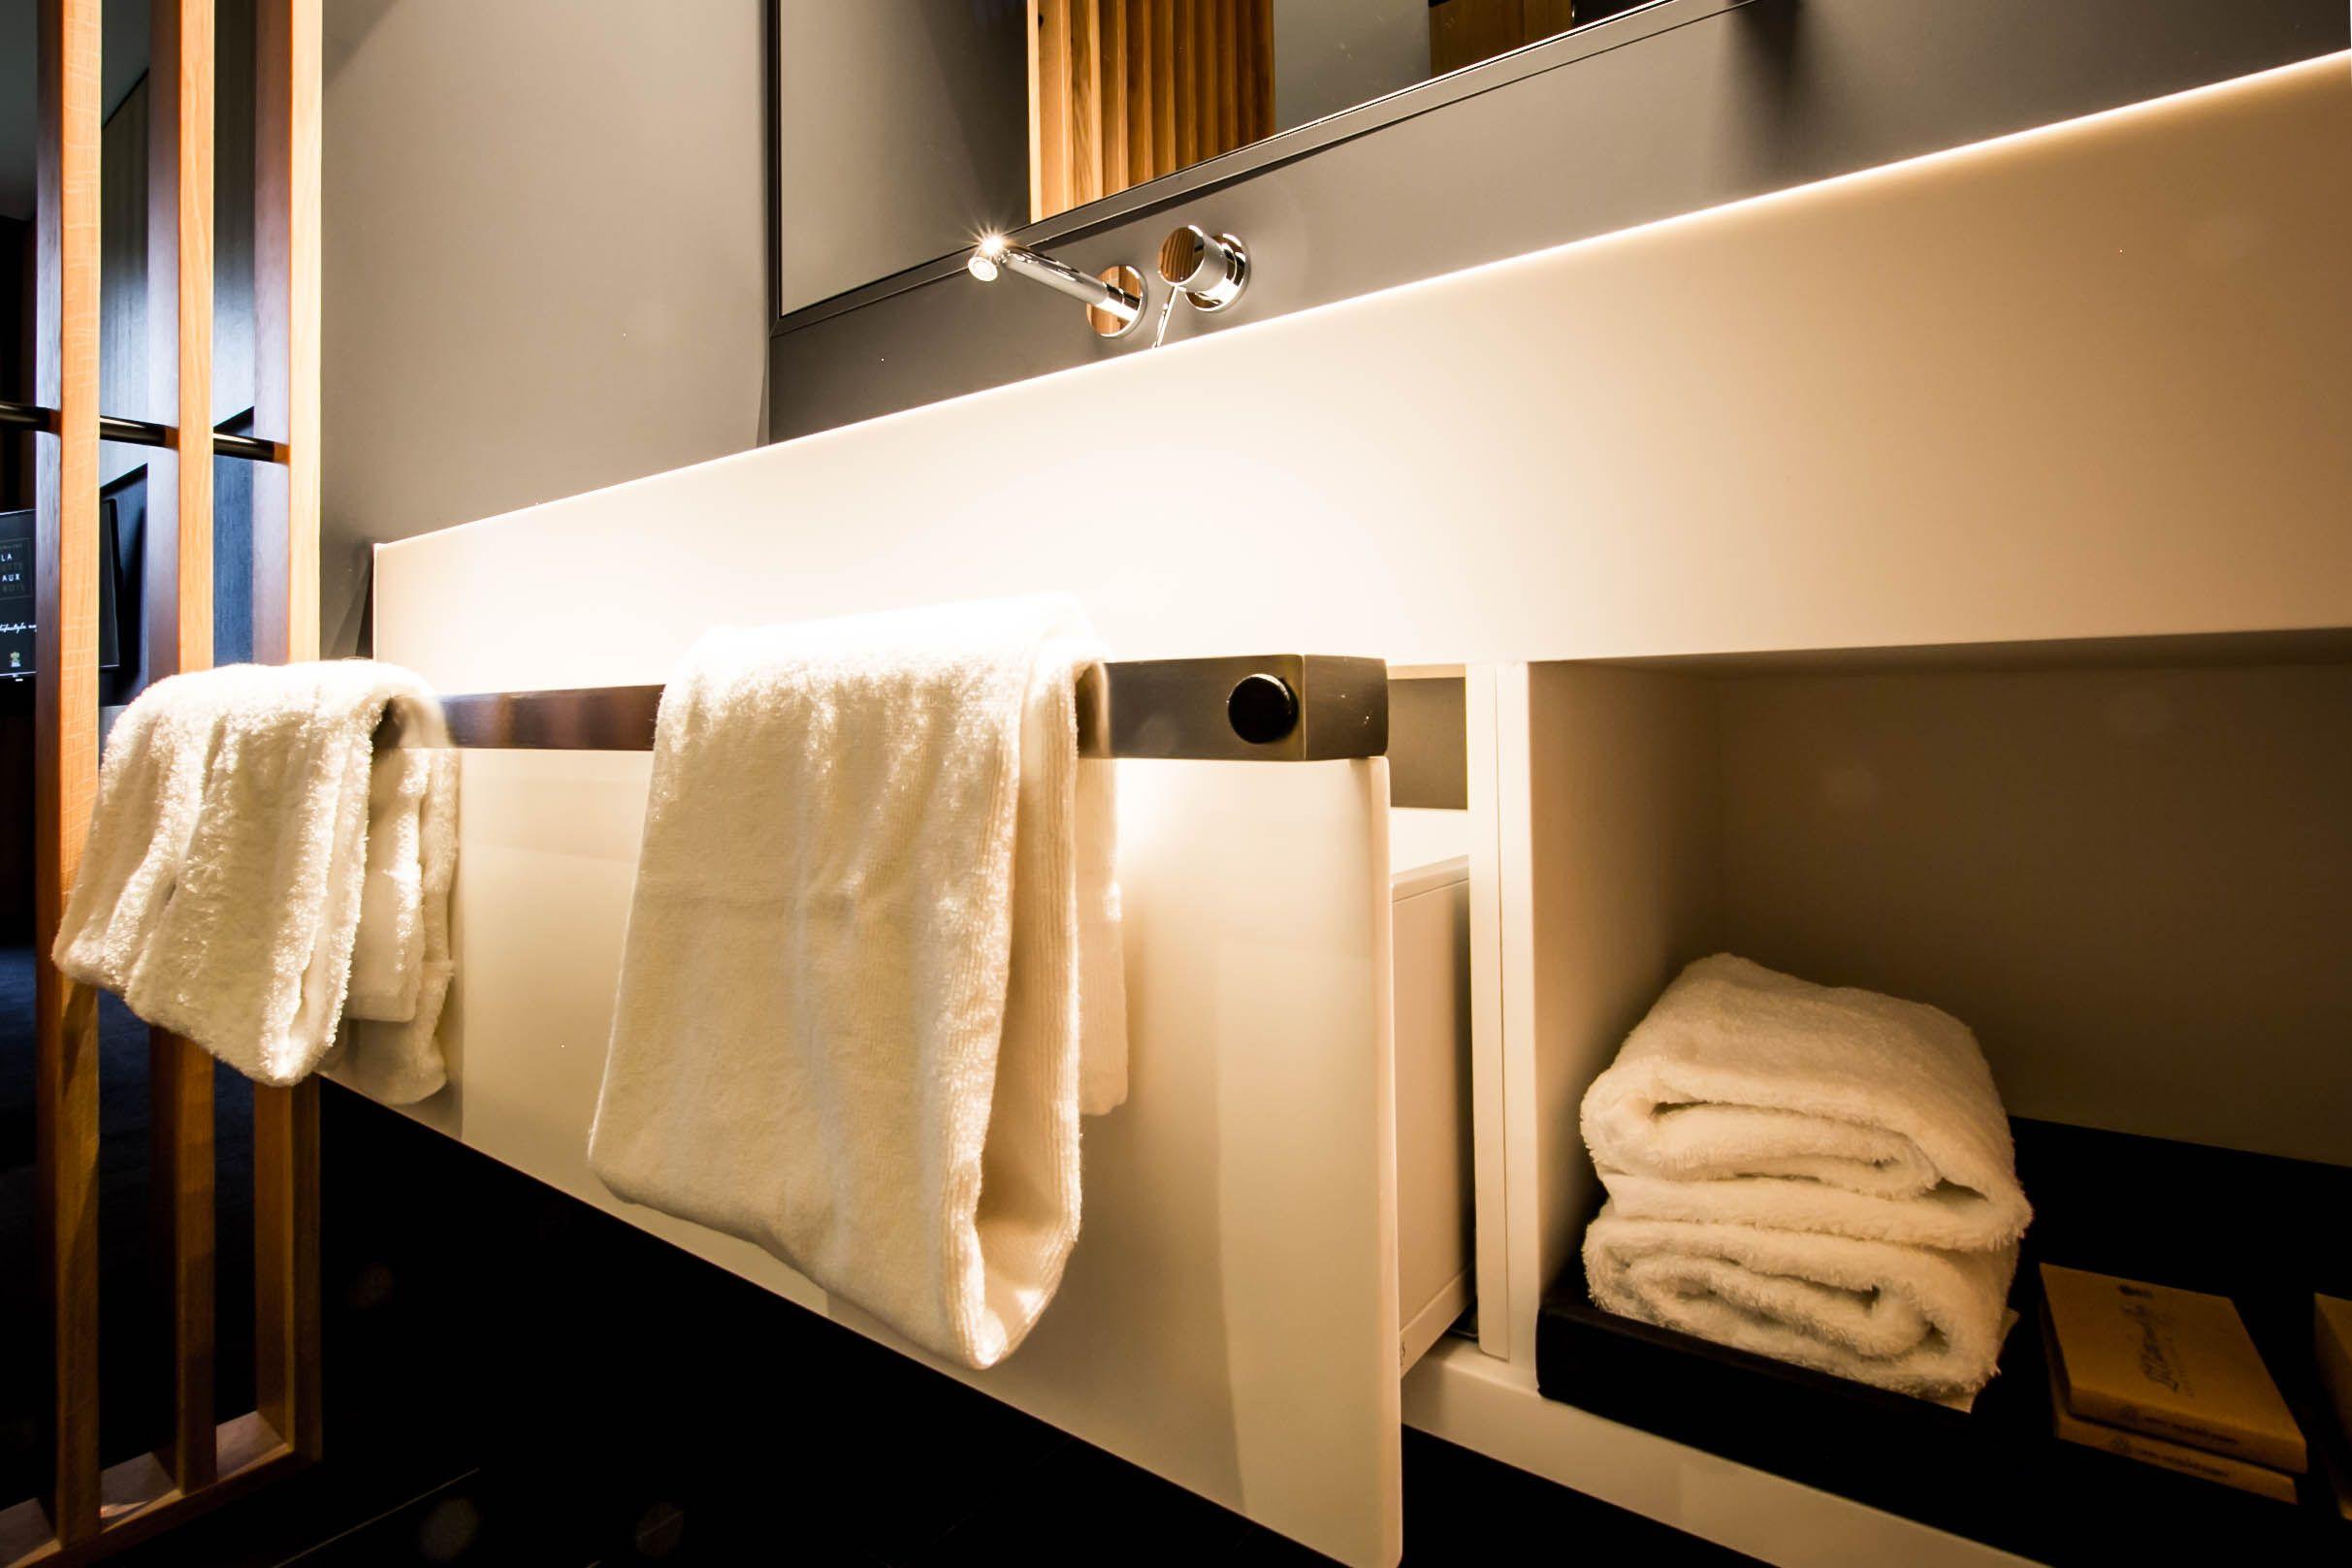 Wasbak Badkamer Inspiratie : Moderne badkamer. badkamermeubel met wastafel vervaardigd in solid